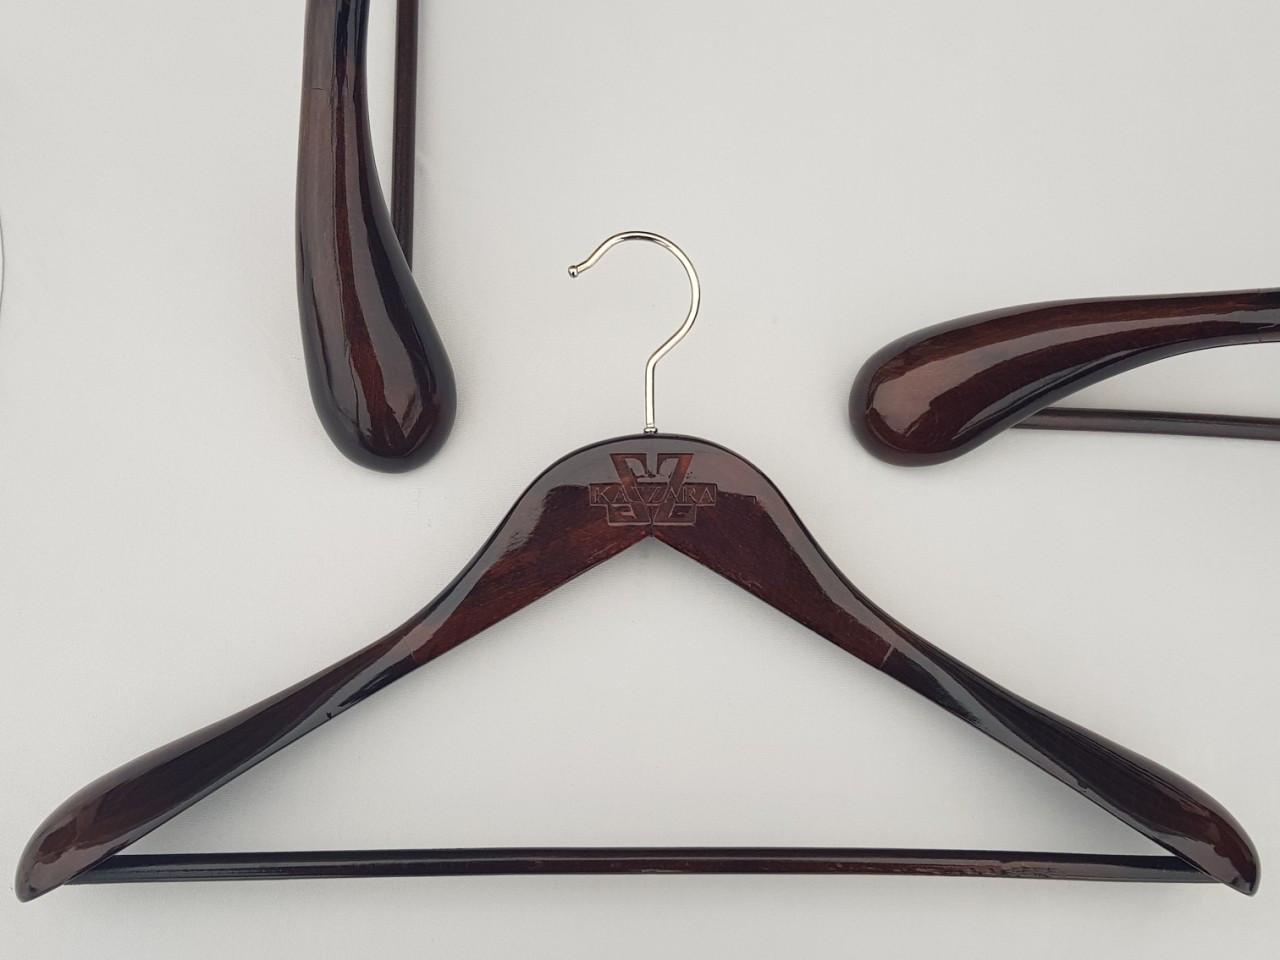 Плечики вешалки деревянные Mainetti Kazara Royal-2, 45 см